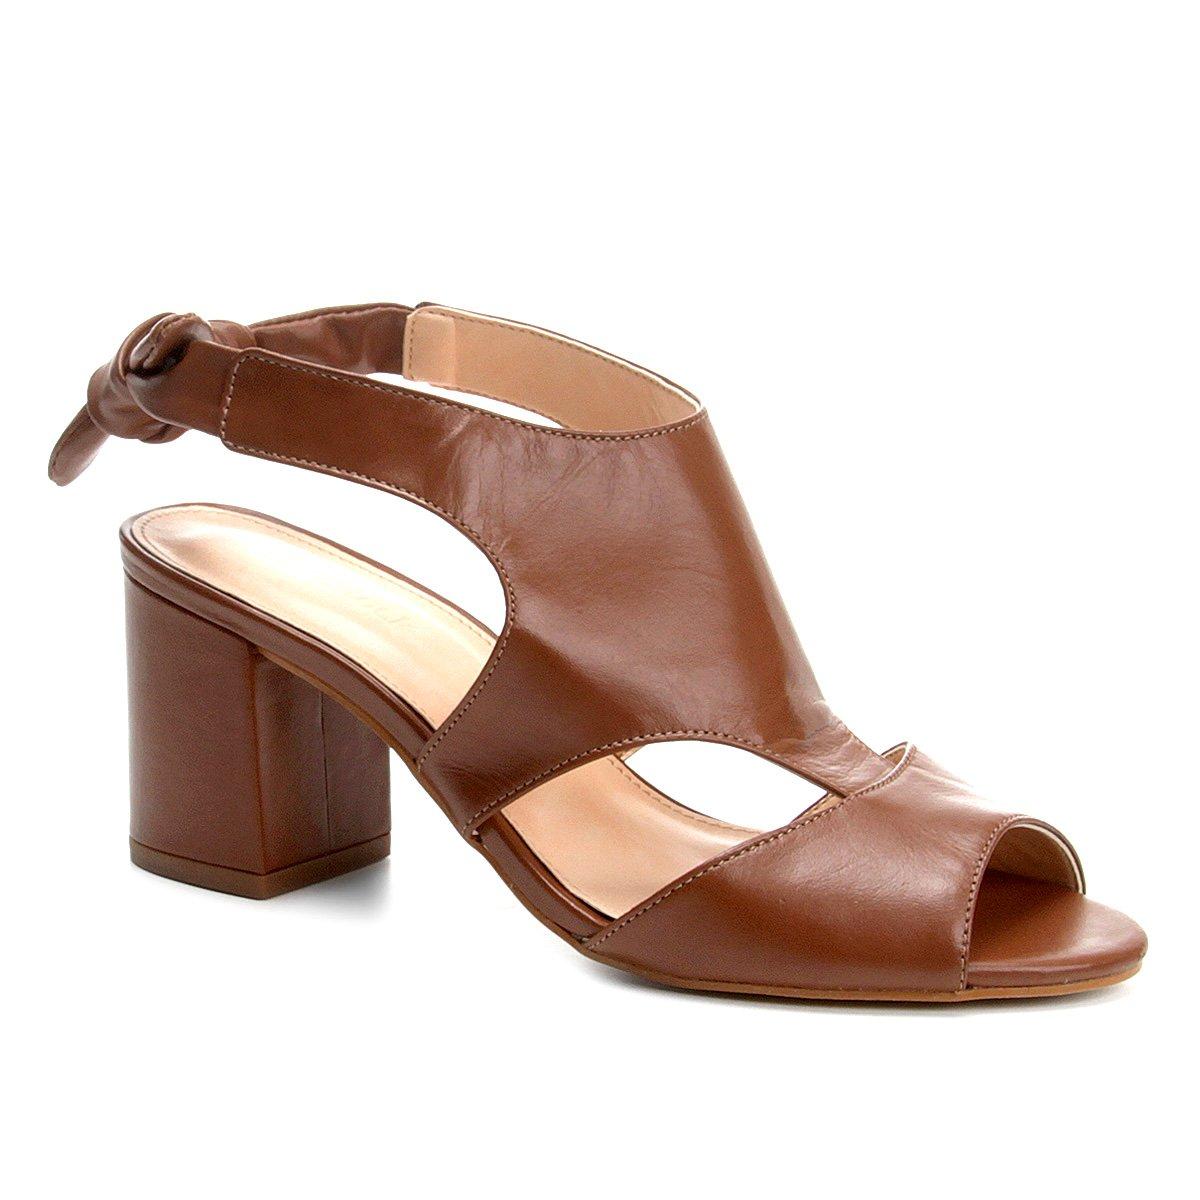 86727593ec Sandália Couro Shoestock Salto Grosso Nó Feminina - Caramelo